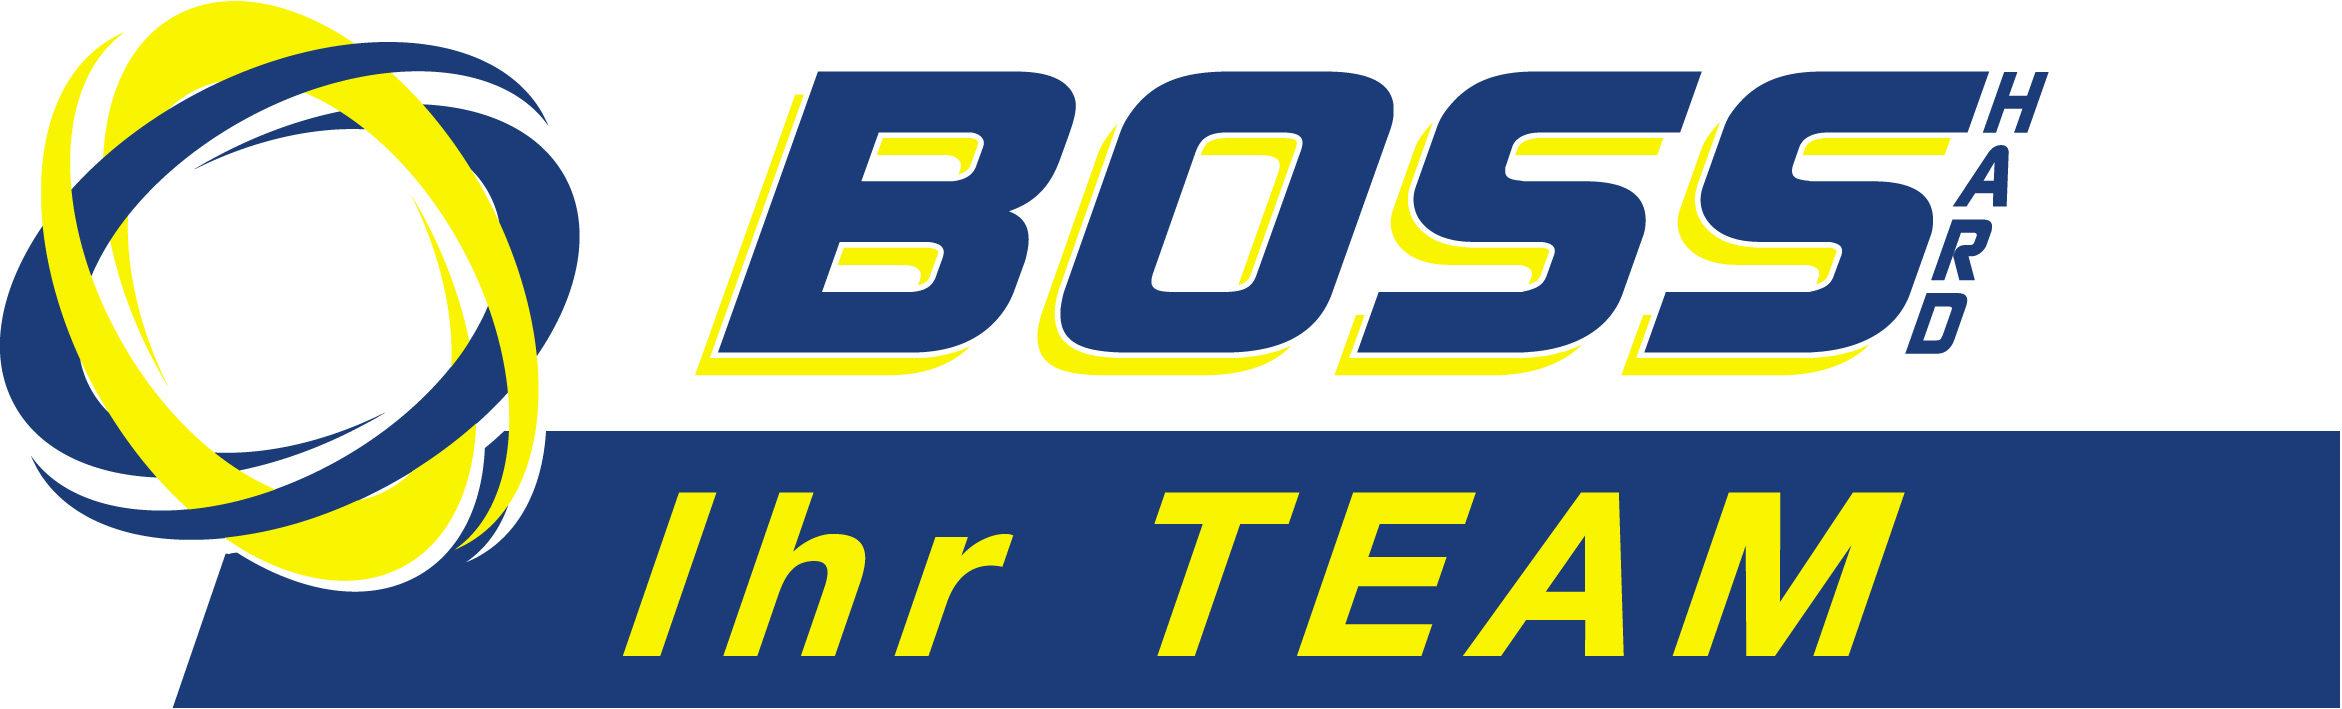 Bosshard AG